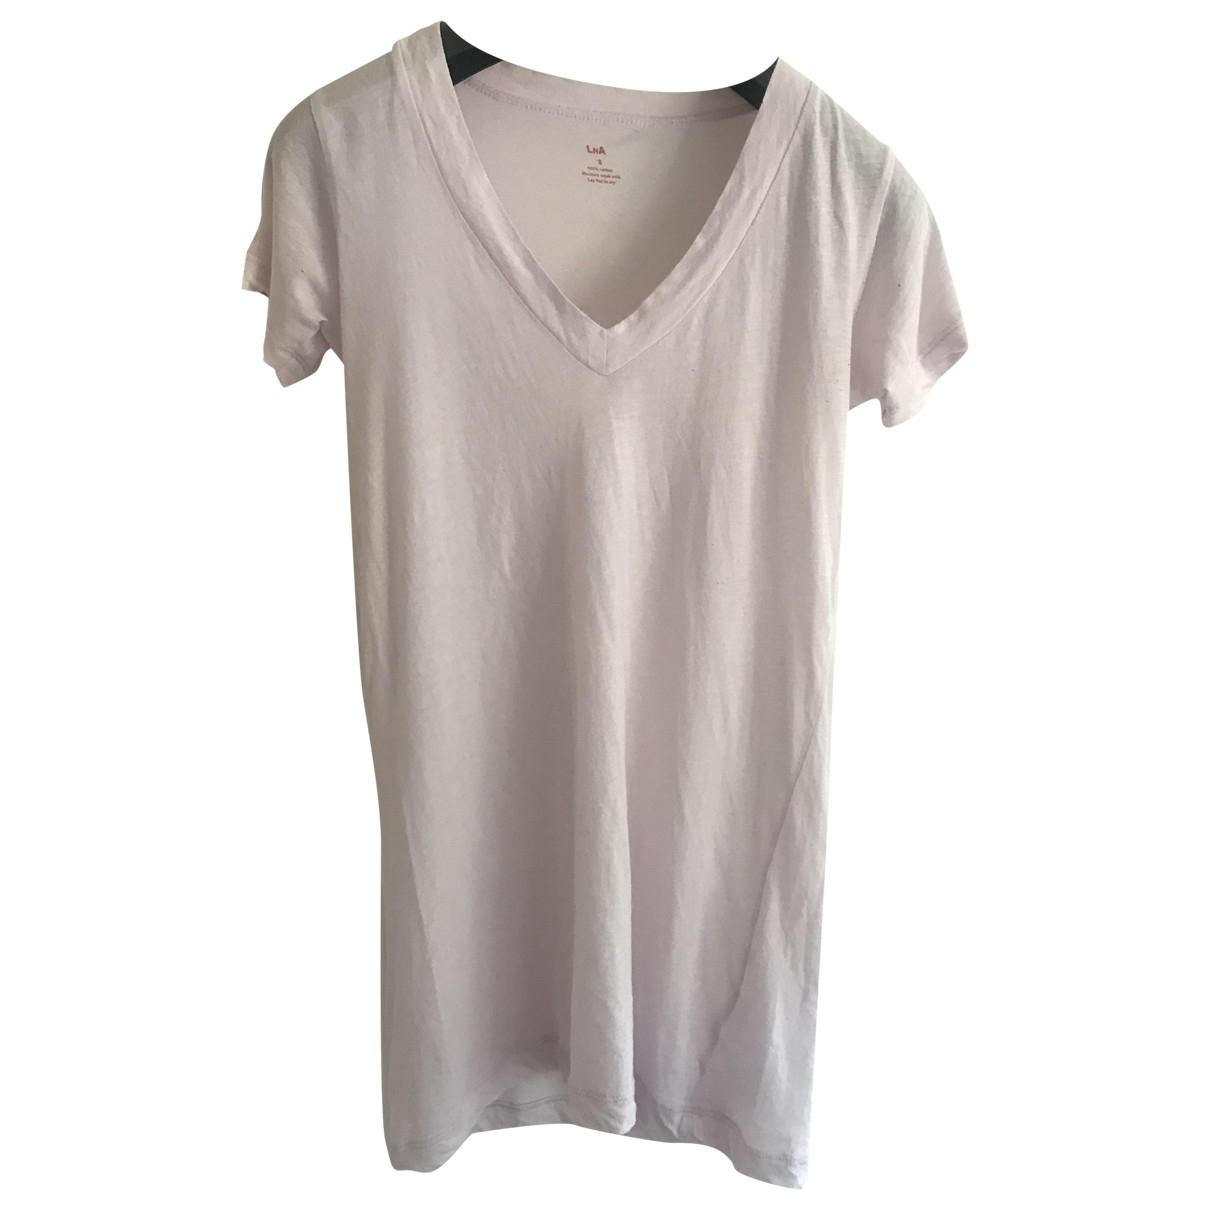 Camiseta Lna